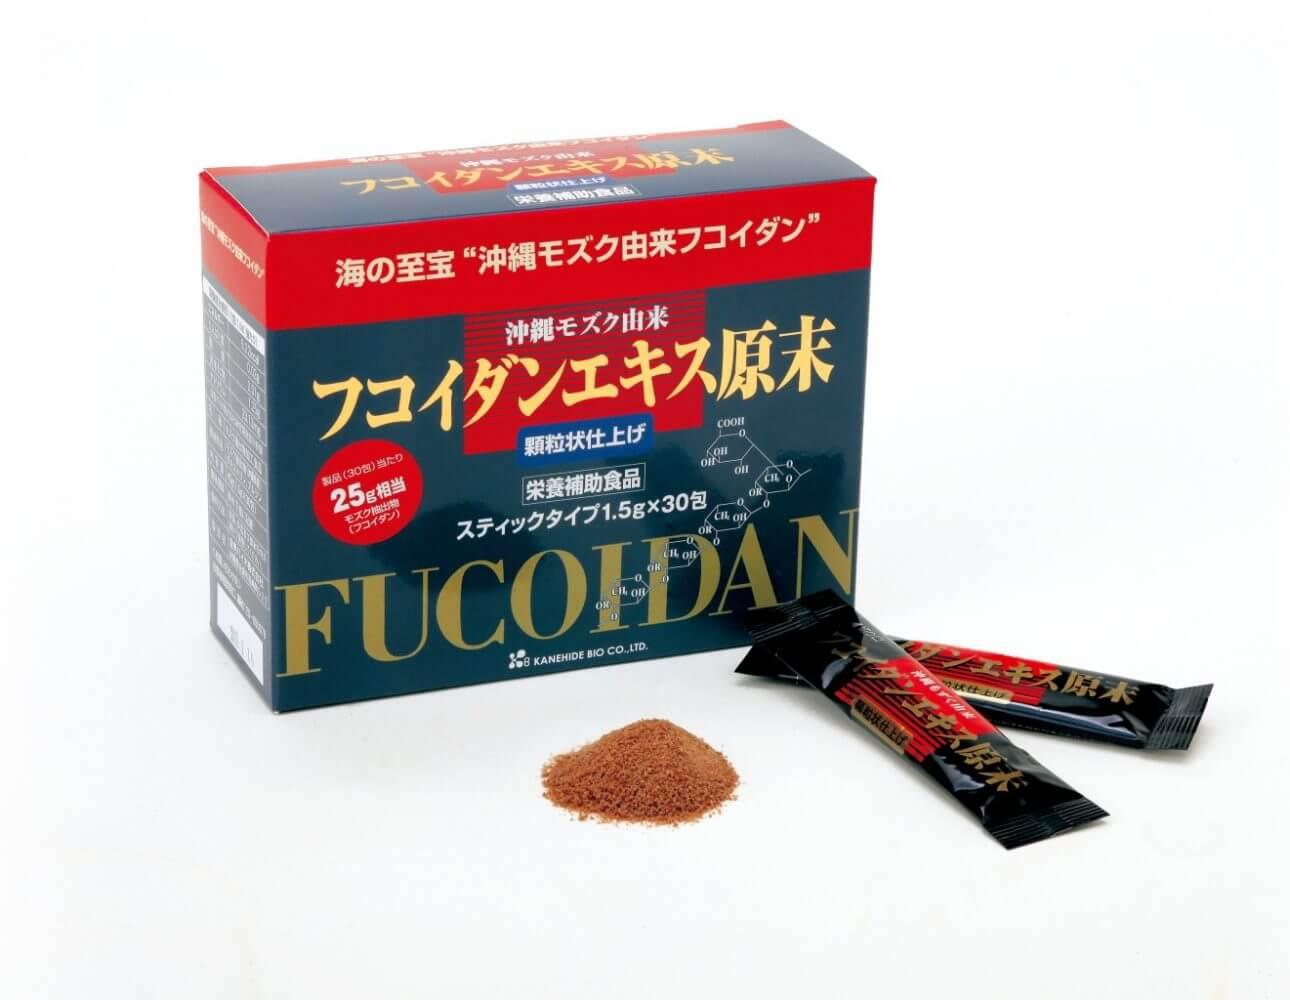 Fucoidan Extract Powder Granules